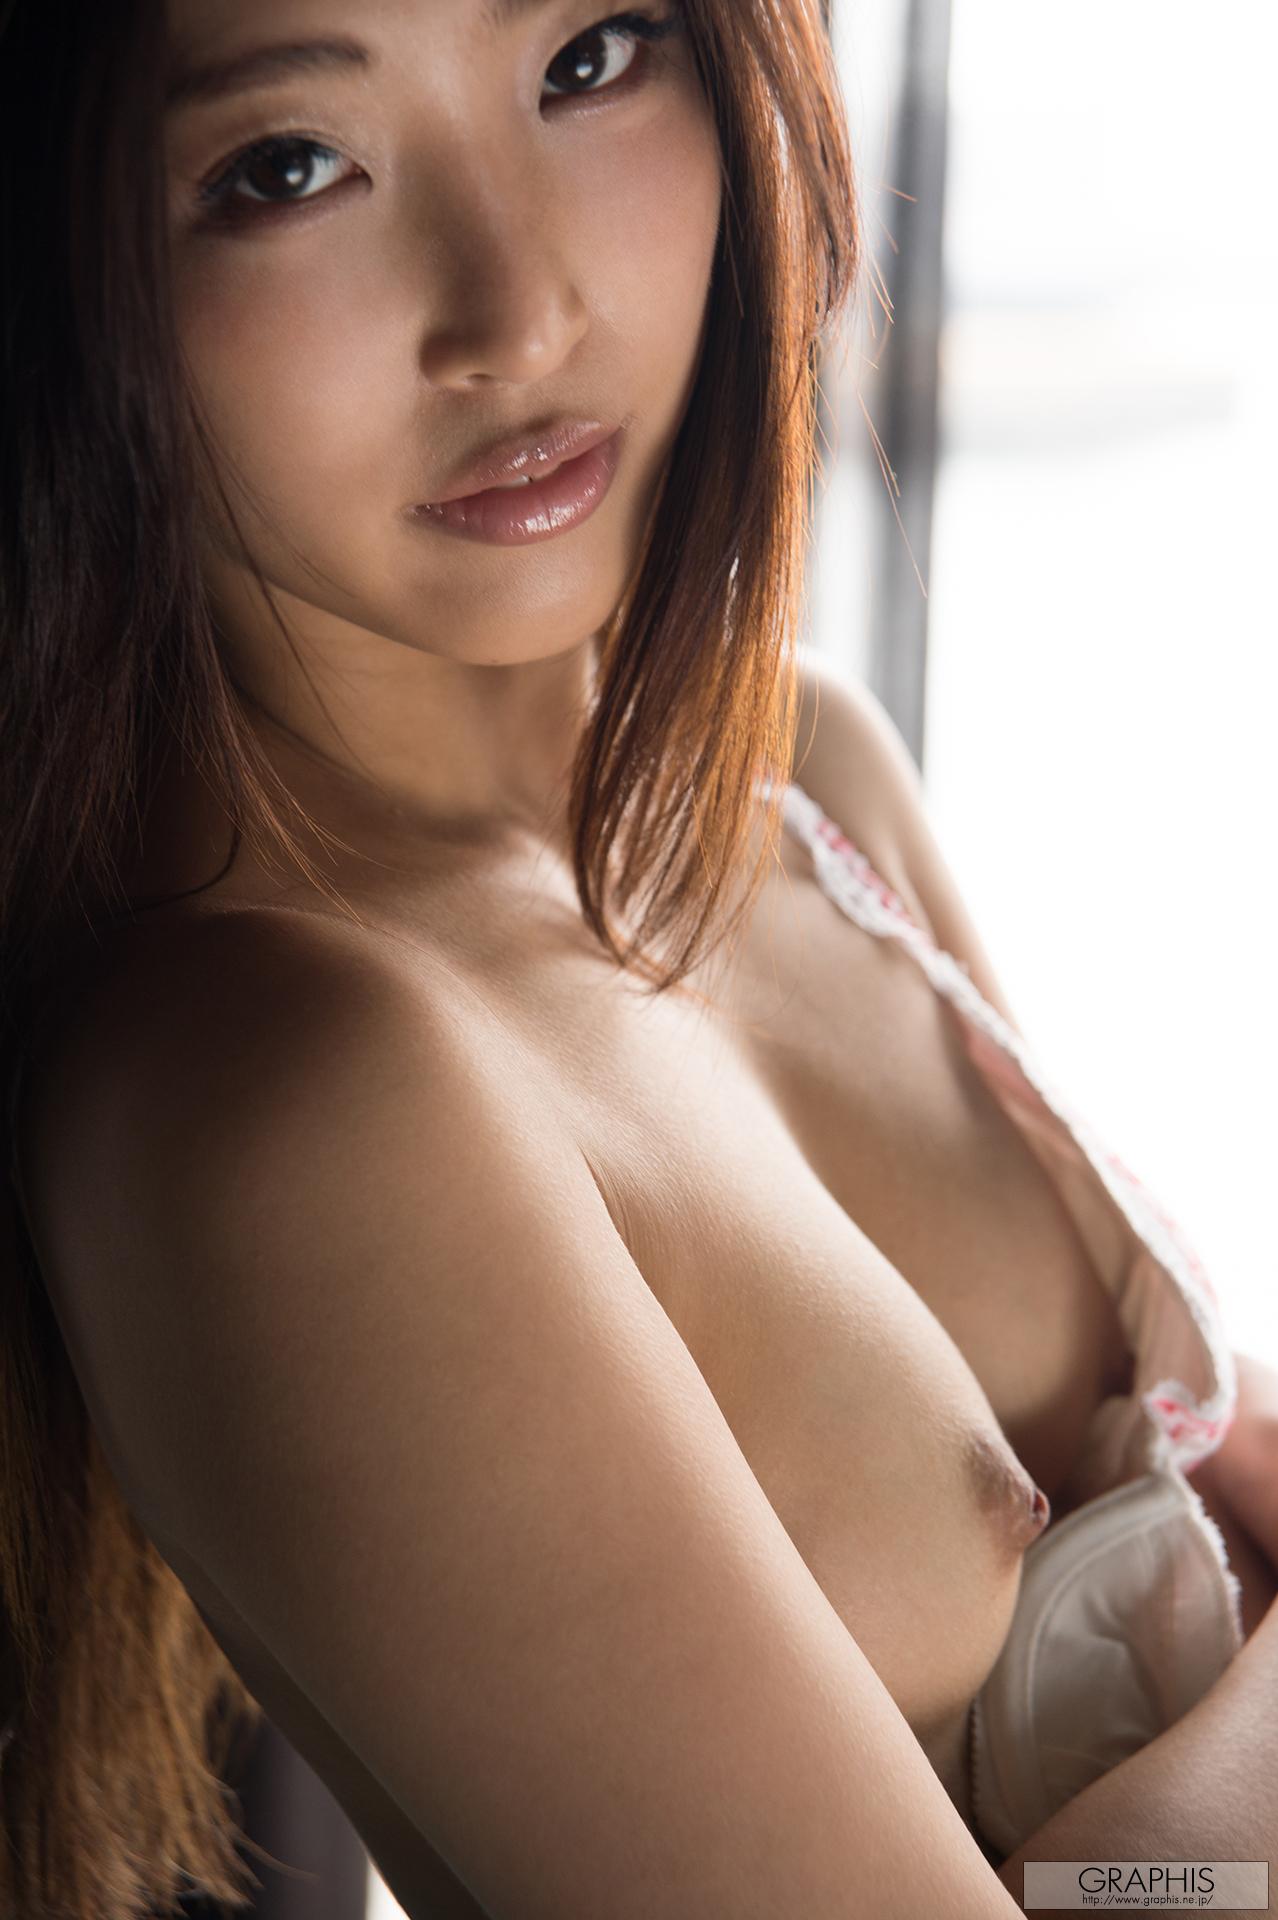 image http://scanlover.com/assets/images/272-NApunJNWf7AFXIVU.jpeg